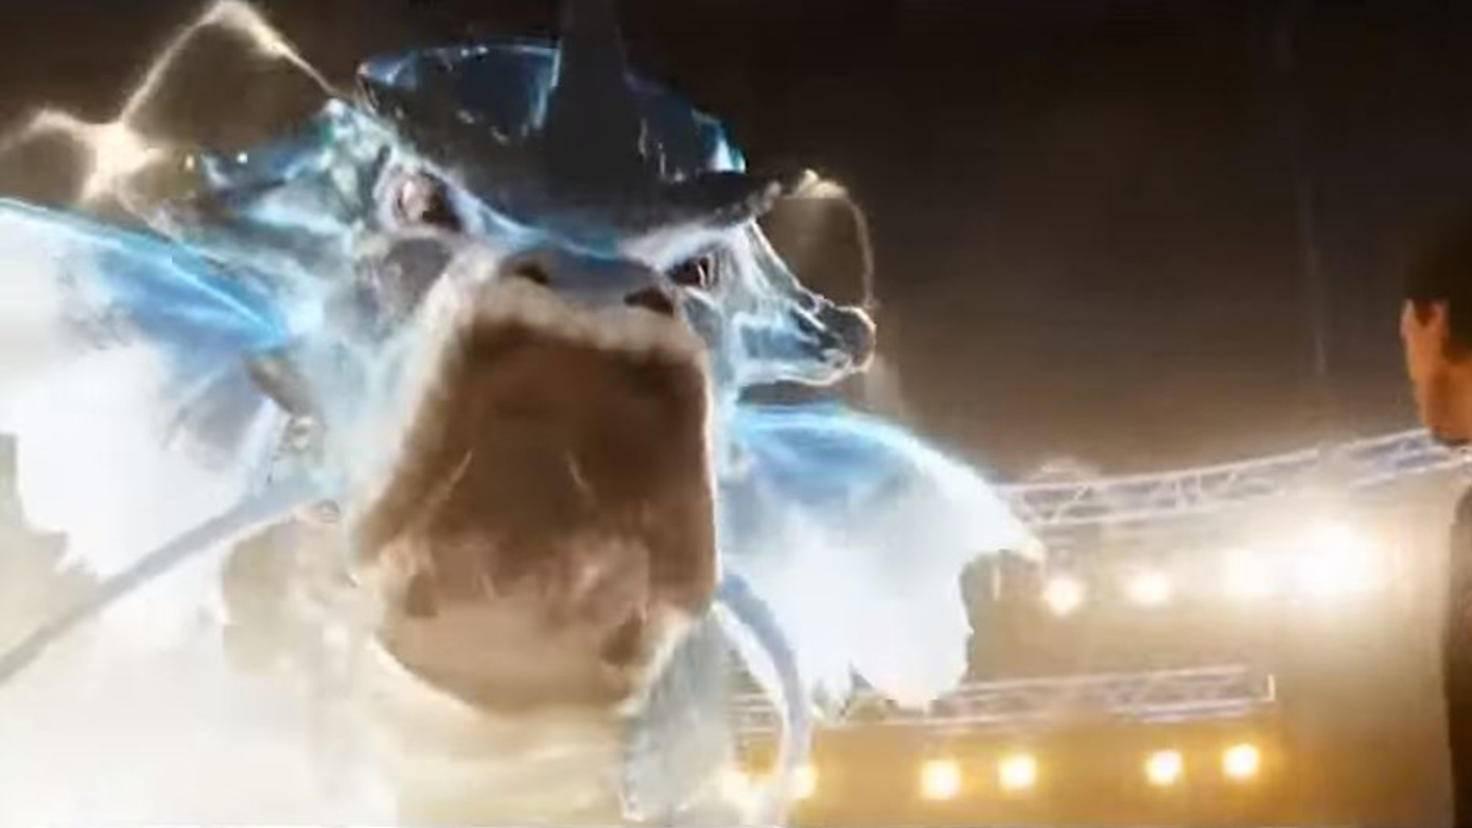 Garados in Meisterdetektiv Pikachu Finaler Trailer